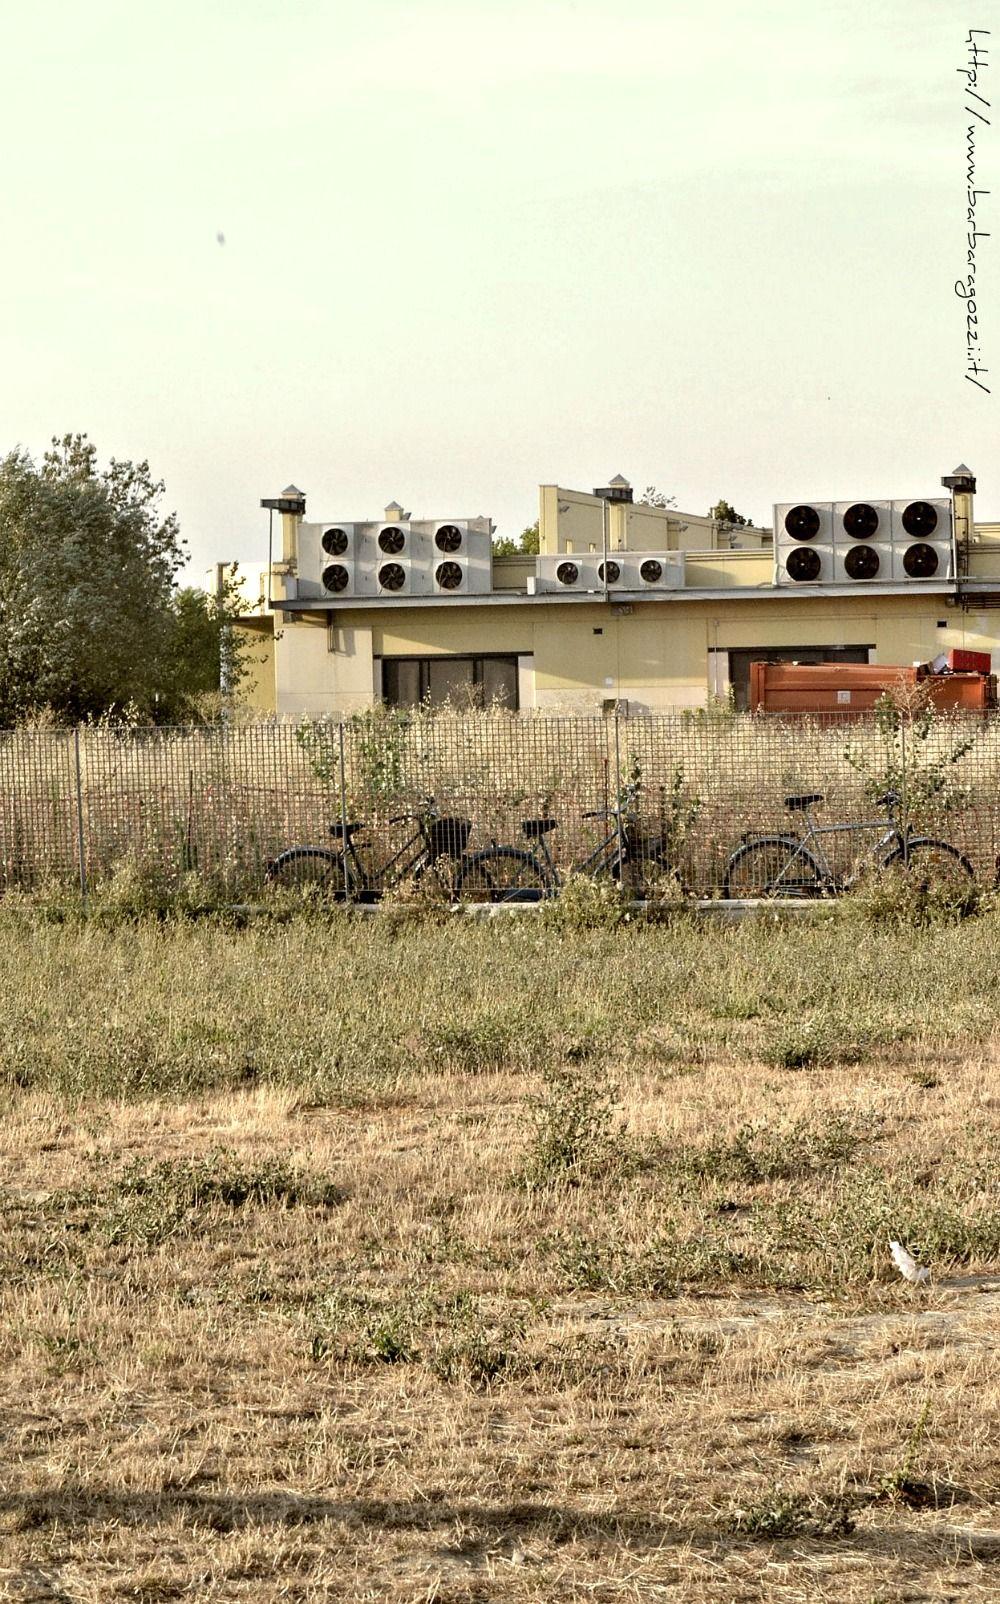 Biciclette nella steppa industriale.